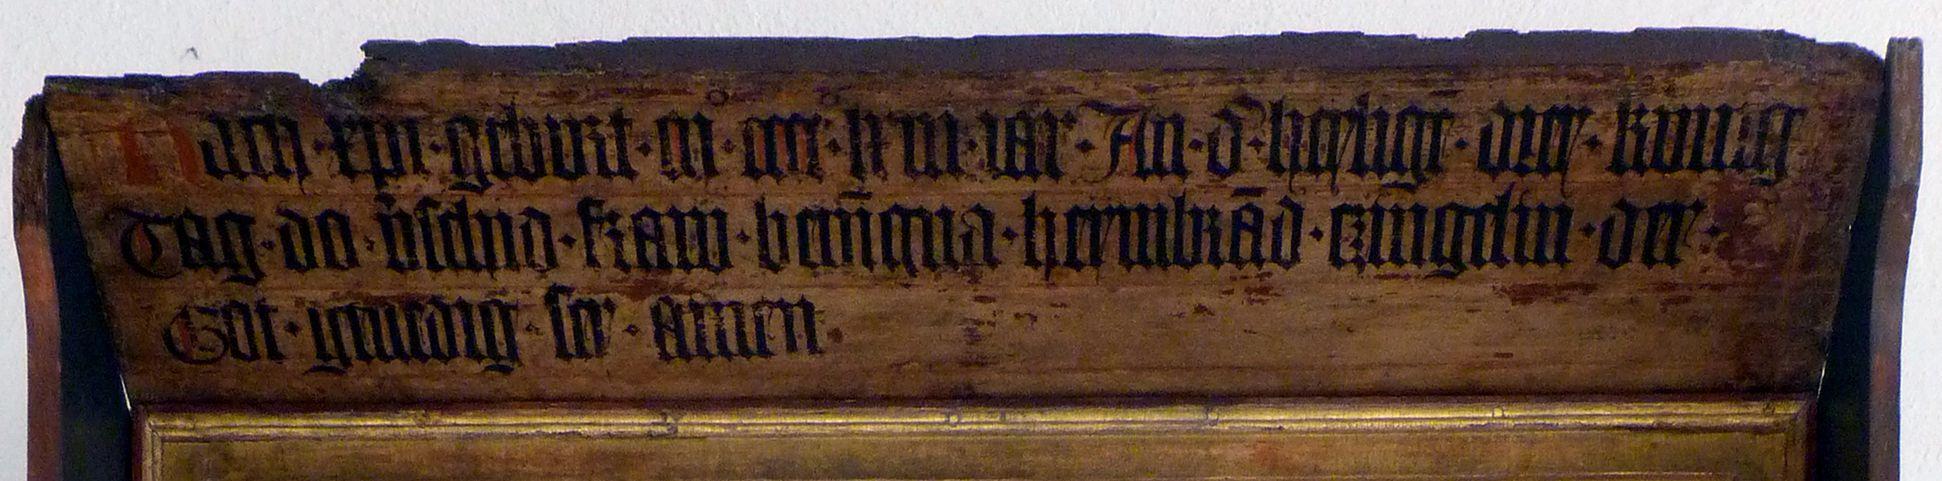 Epitaph der Benigna Holzschuher Vordach mit Inschrift